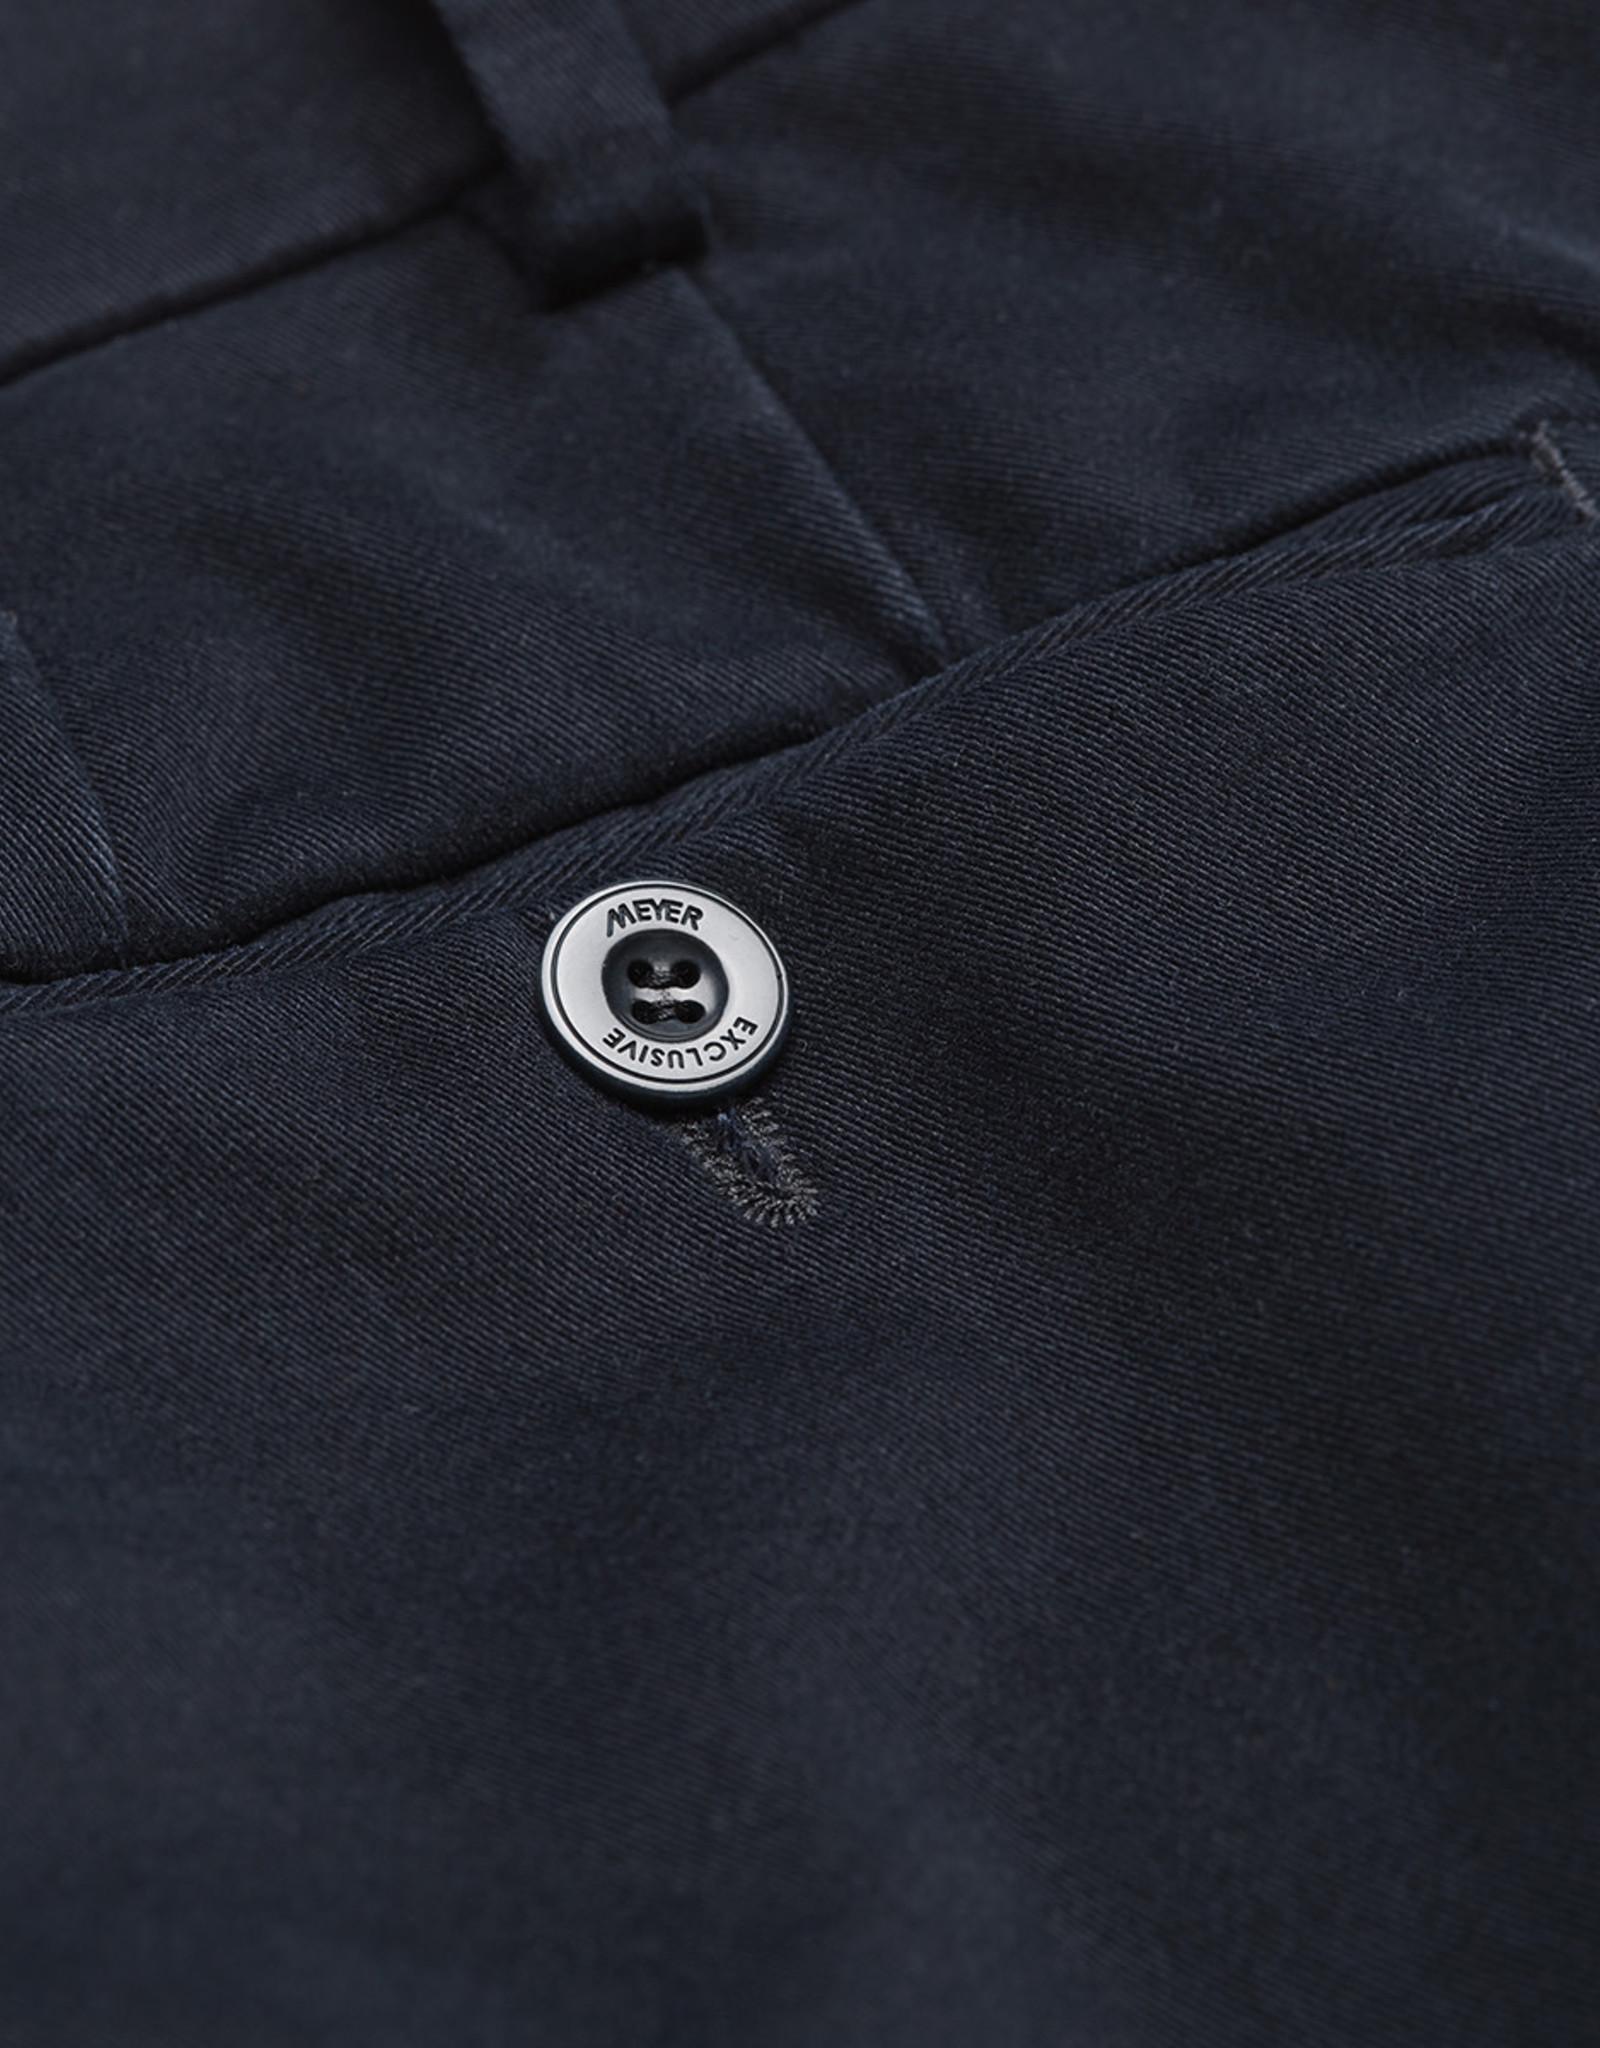 Meyer Exclusive Meyer Exclusive broek katoen marine Bonn 8554/19